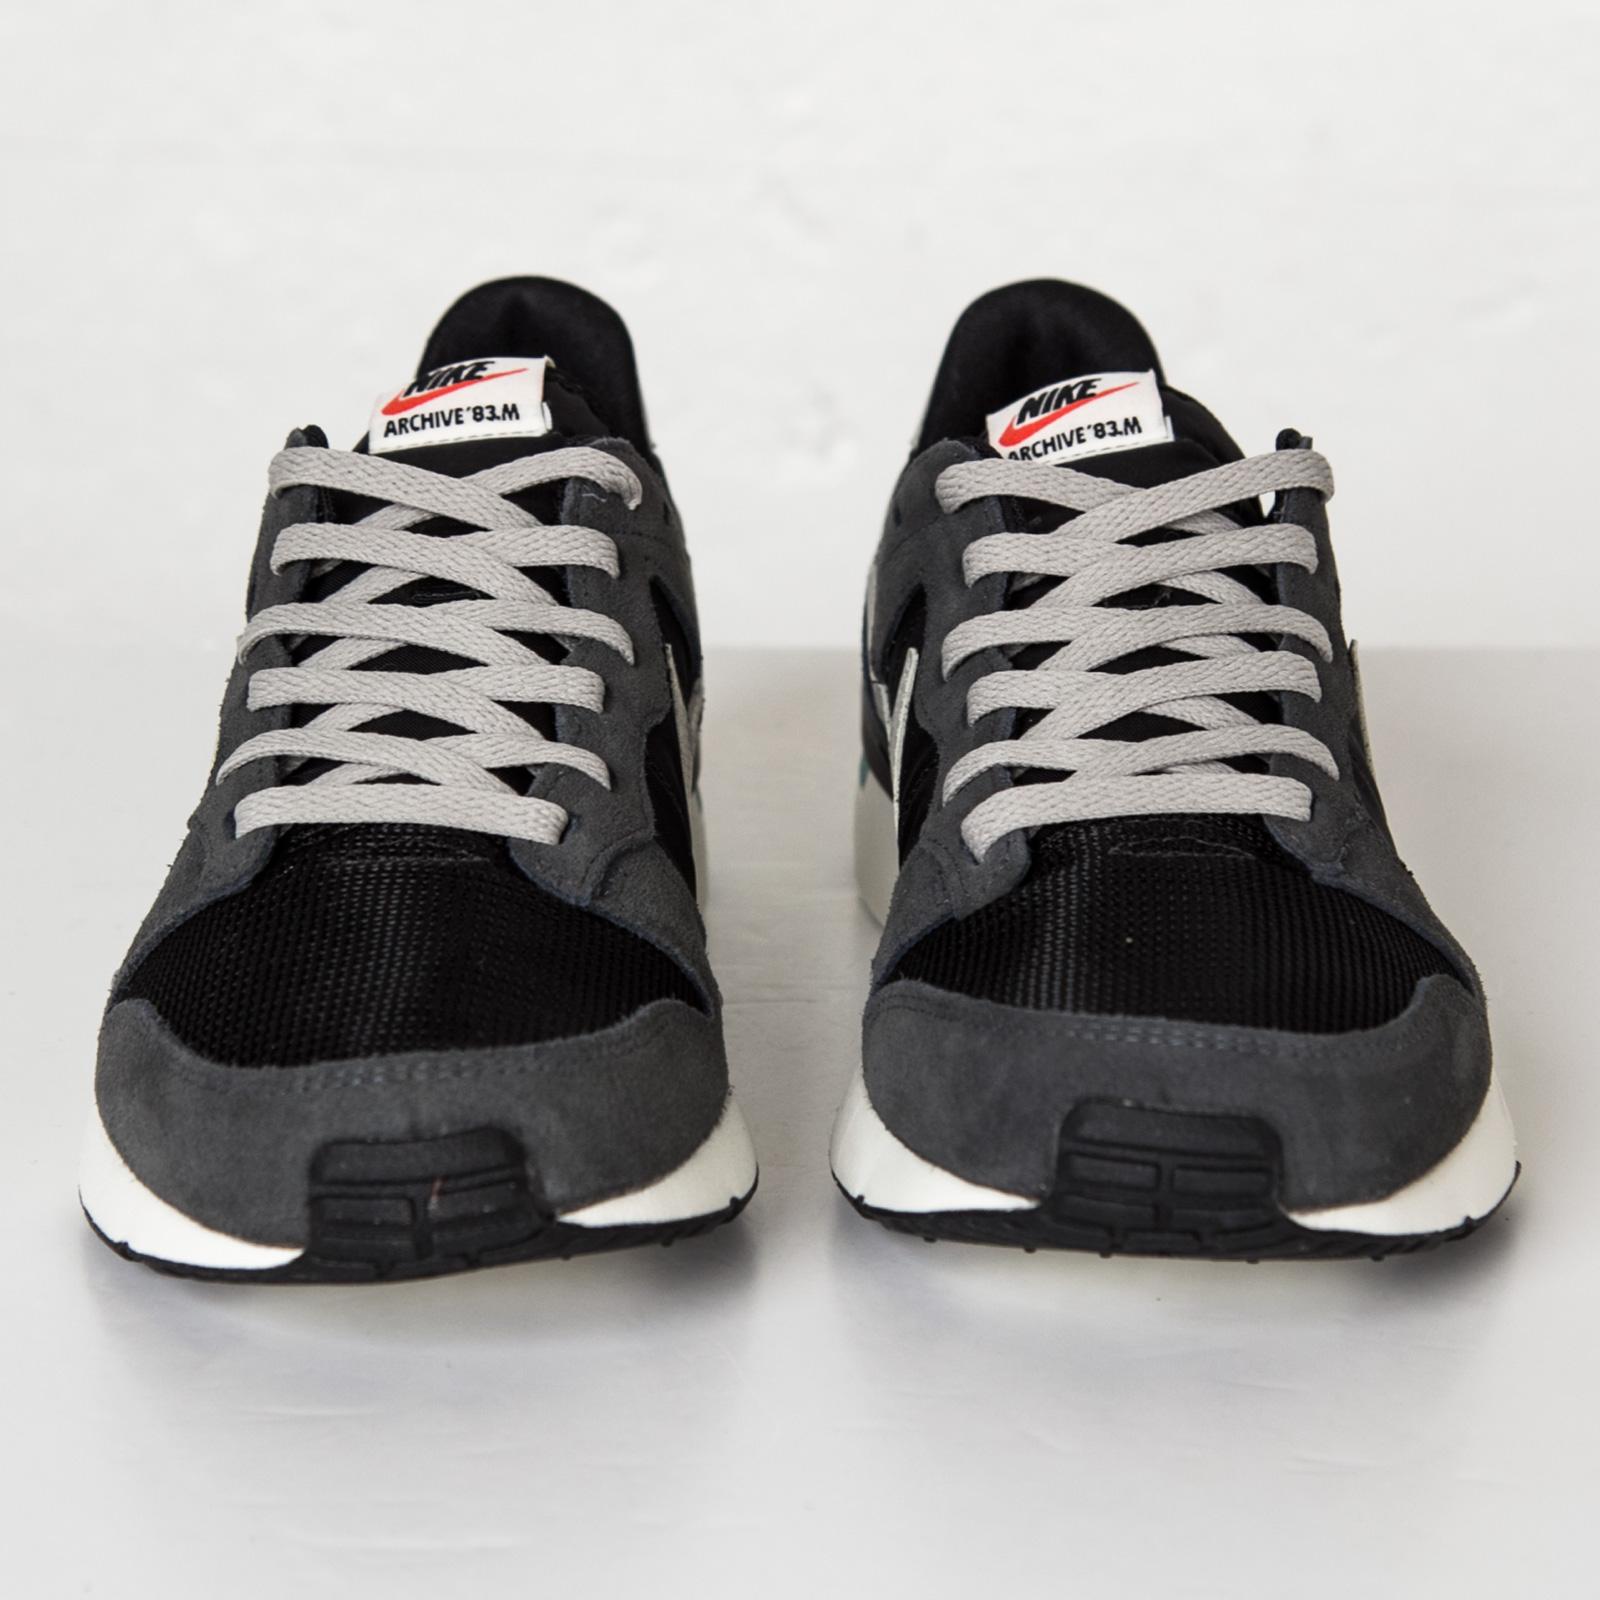 wholesale dealer d1b7d d1c4e Nike Archive 83 M - 747245-001 - Sneakersnstuff   sneakers   streetwear  online since 1999